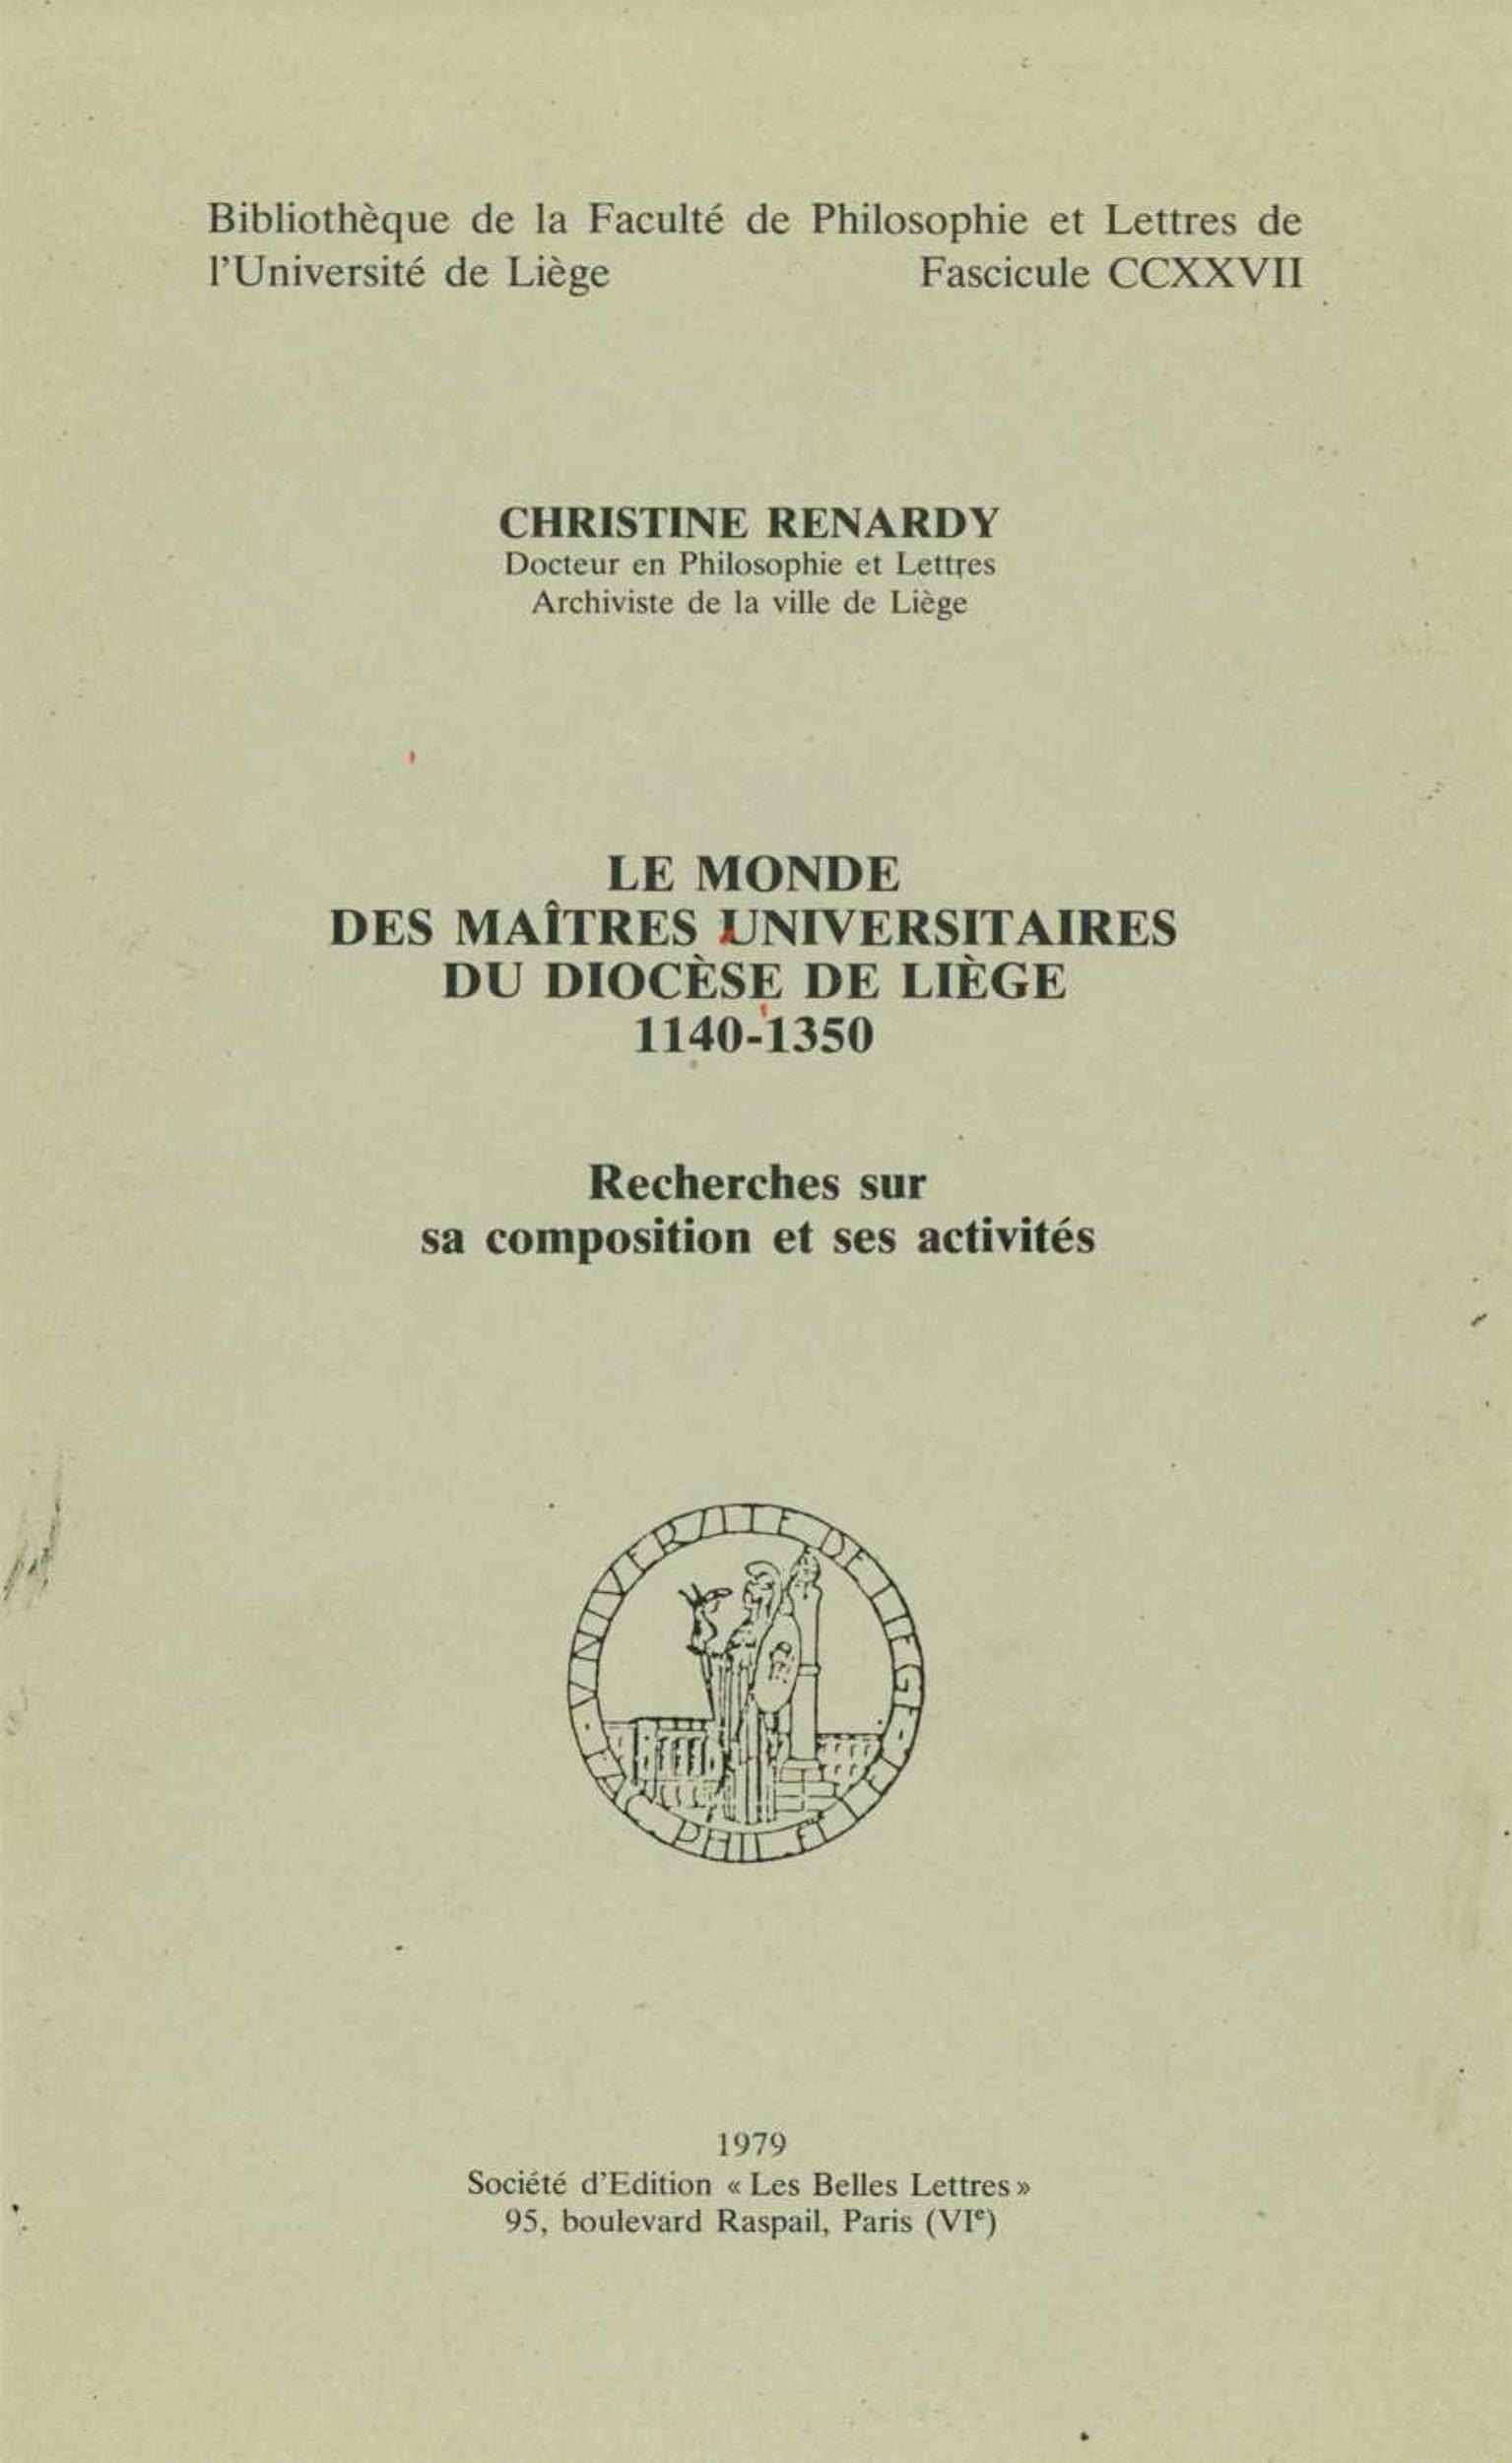 Le monde des maîtres universitaires du diocèse de Liège 1140-1350  - Christine Renardy